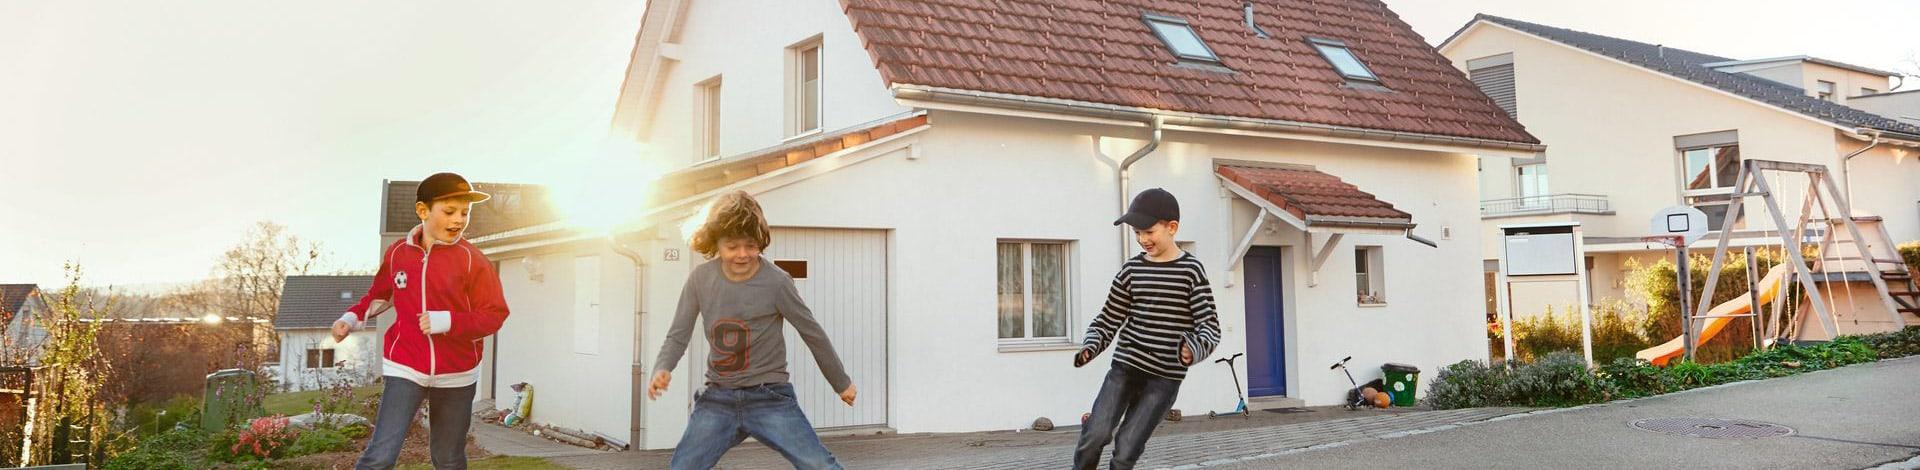 Pensare proprio a tutto quando si acquista una casa la for Assicurazione mobilia domestica